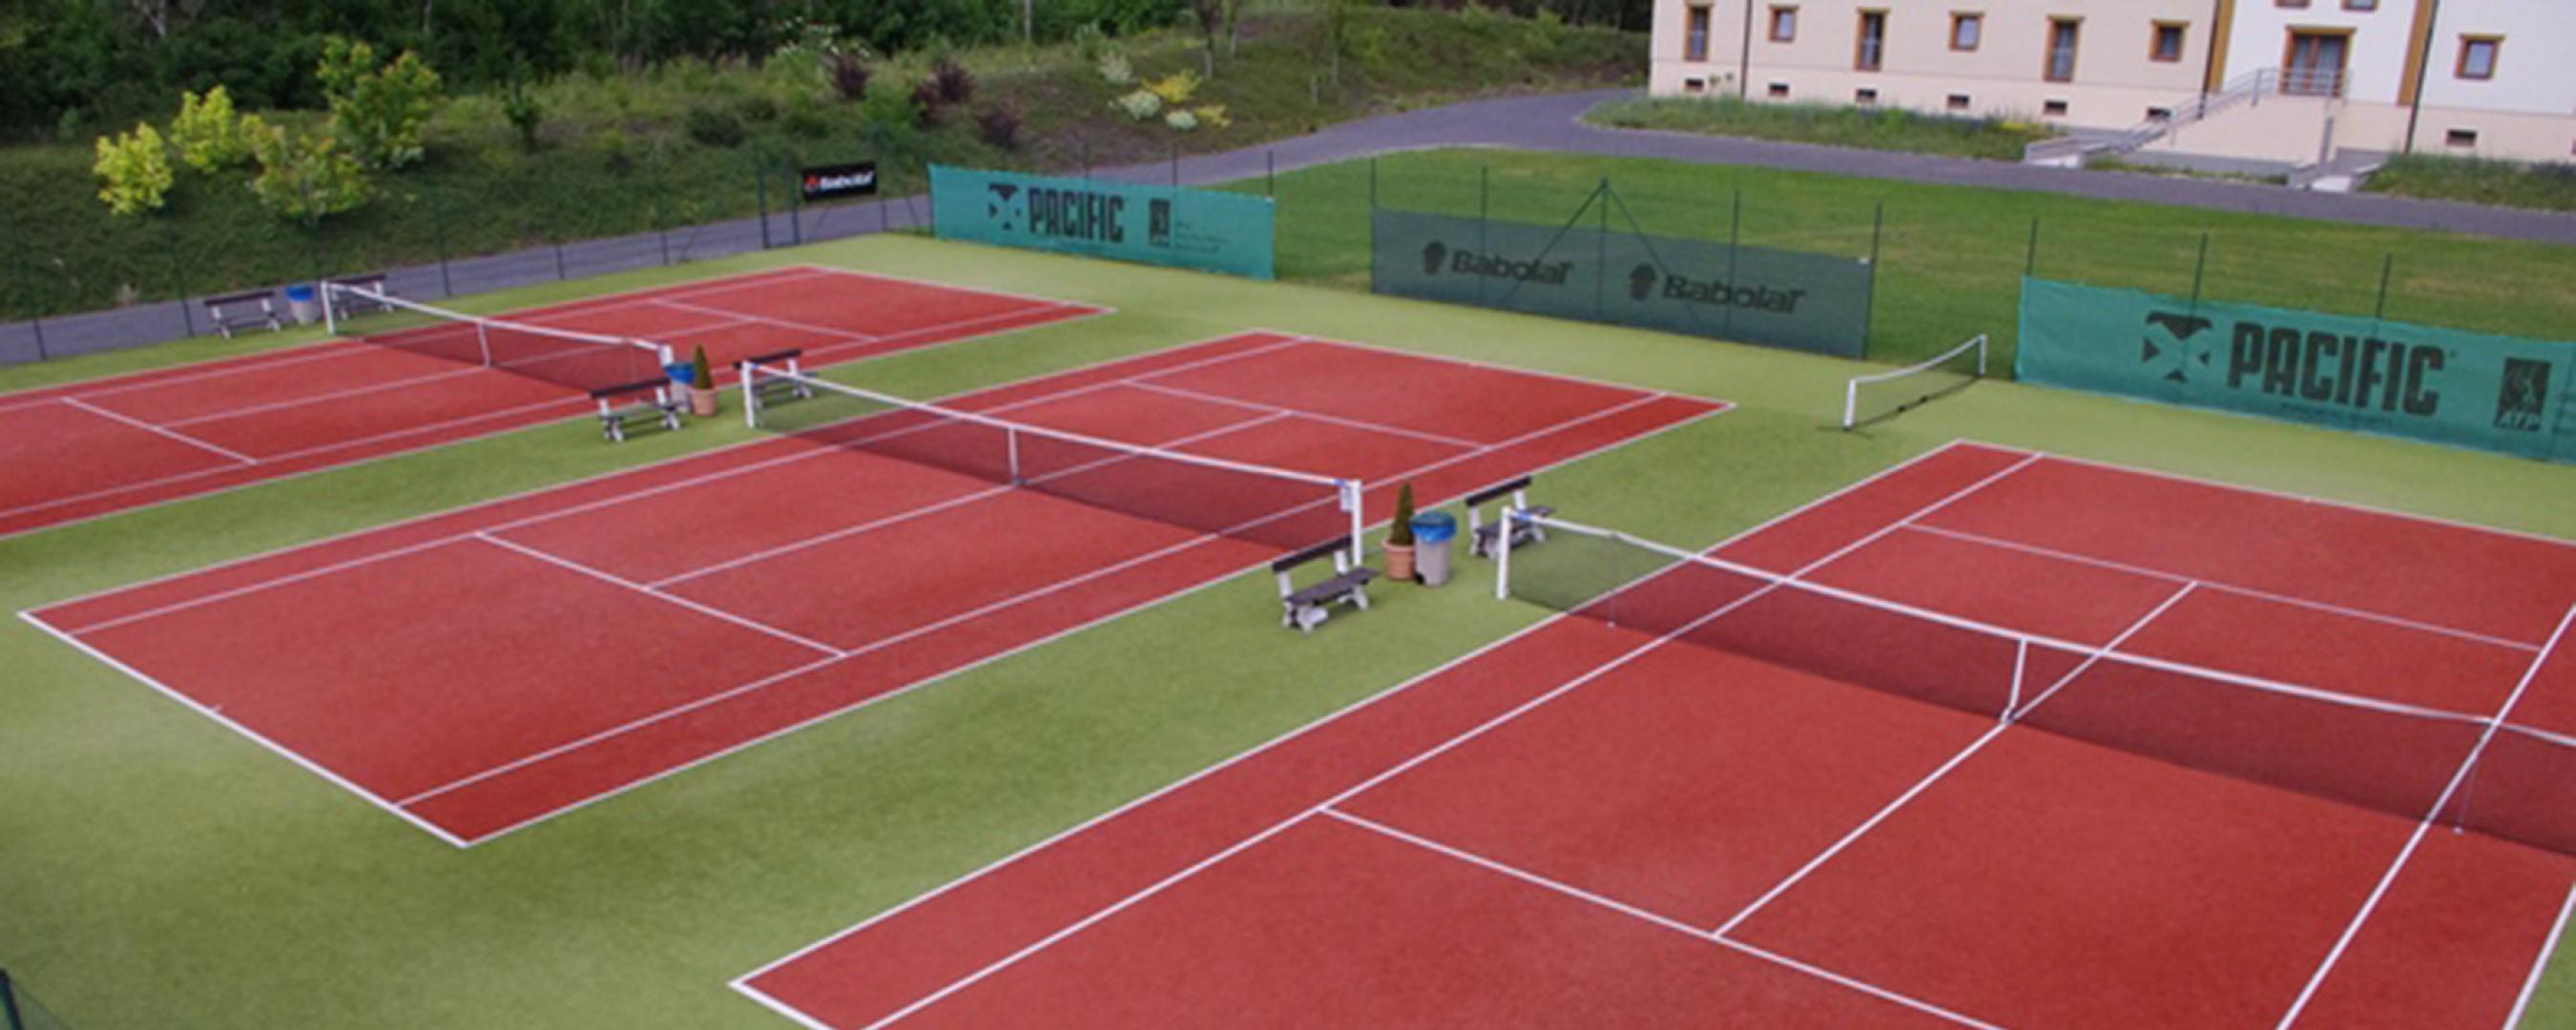 Tenisové kurty Parkhotel Plzeň